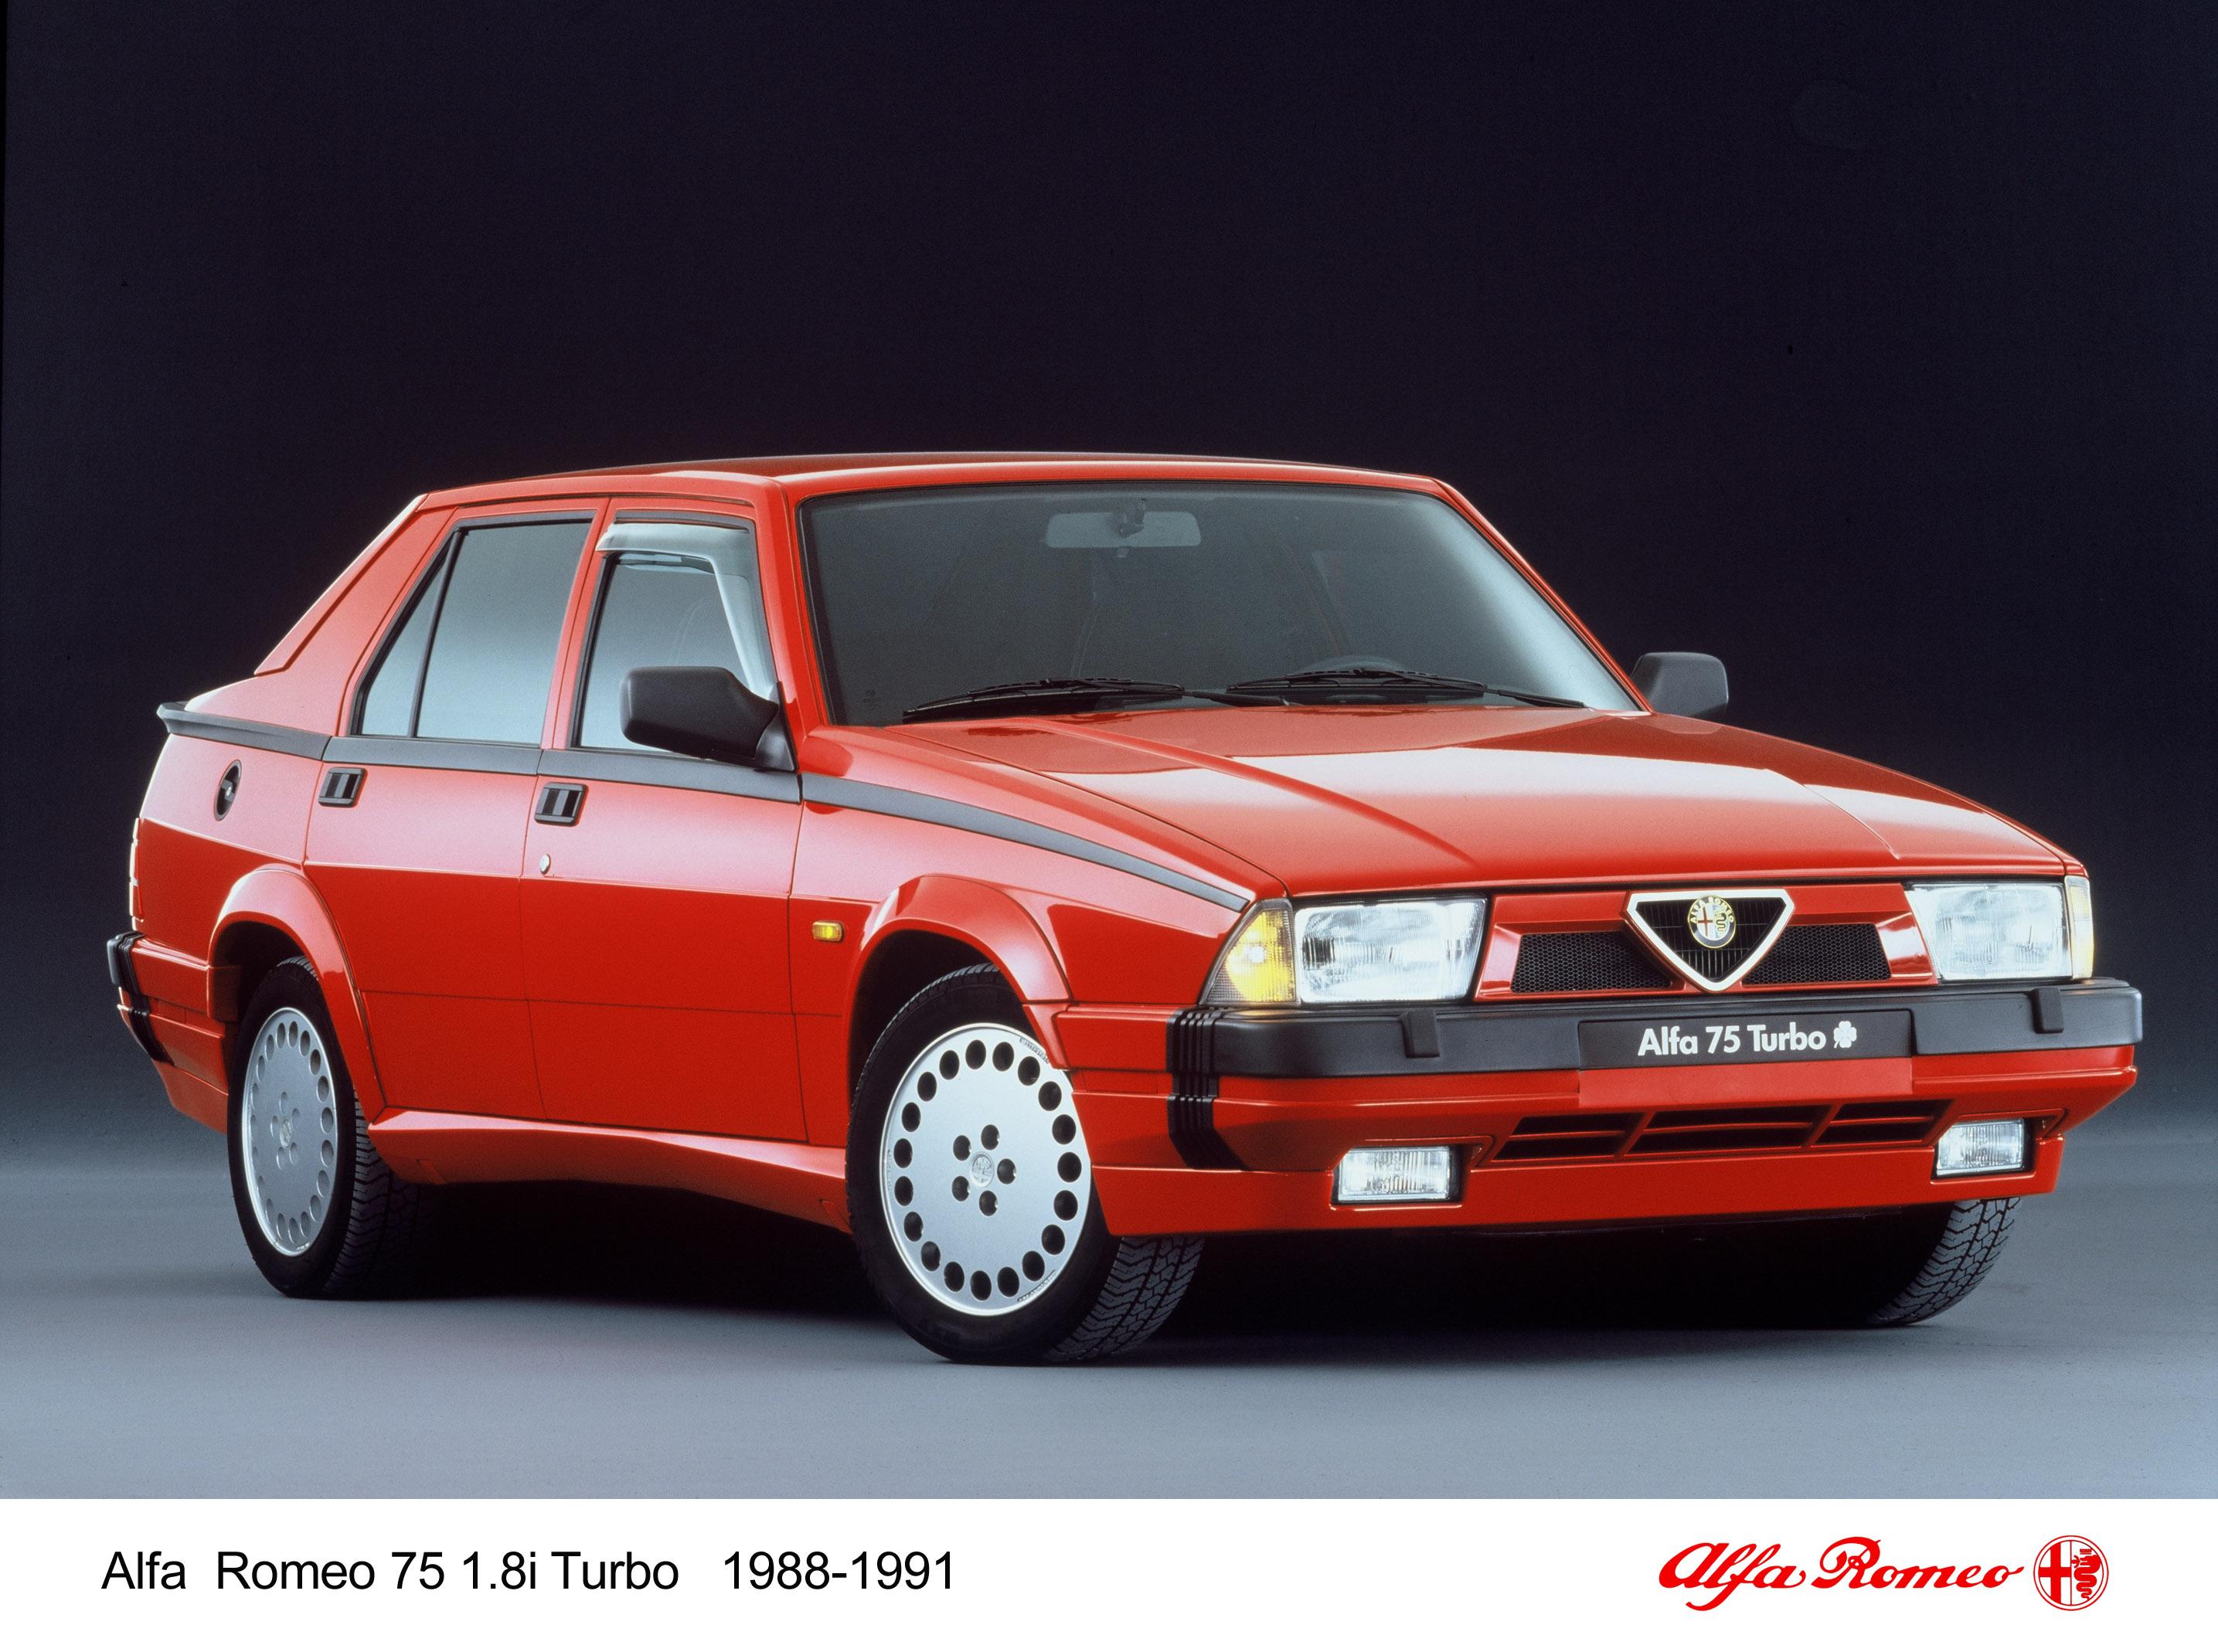 30 Jahre Alfa Romeo 75 – Keil und Kante feiern runden Geburtstag